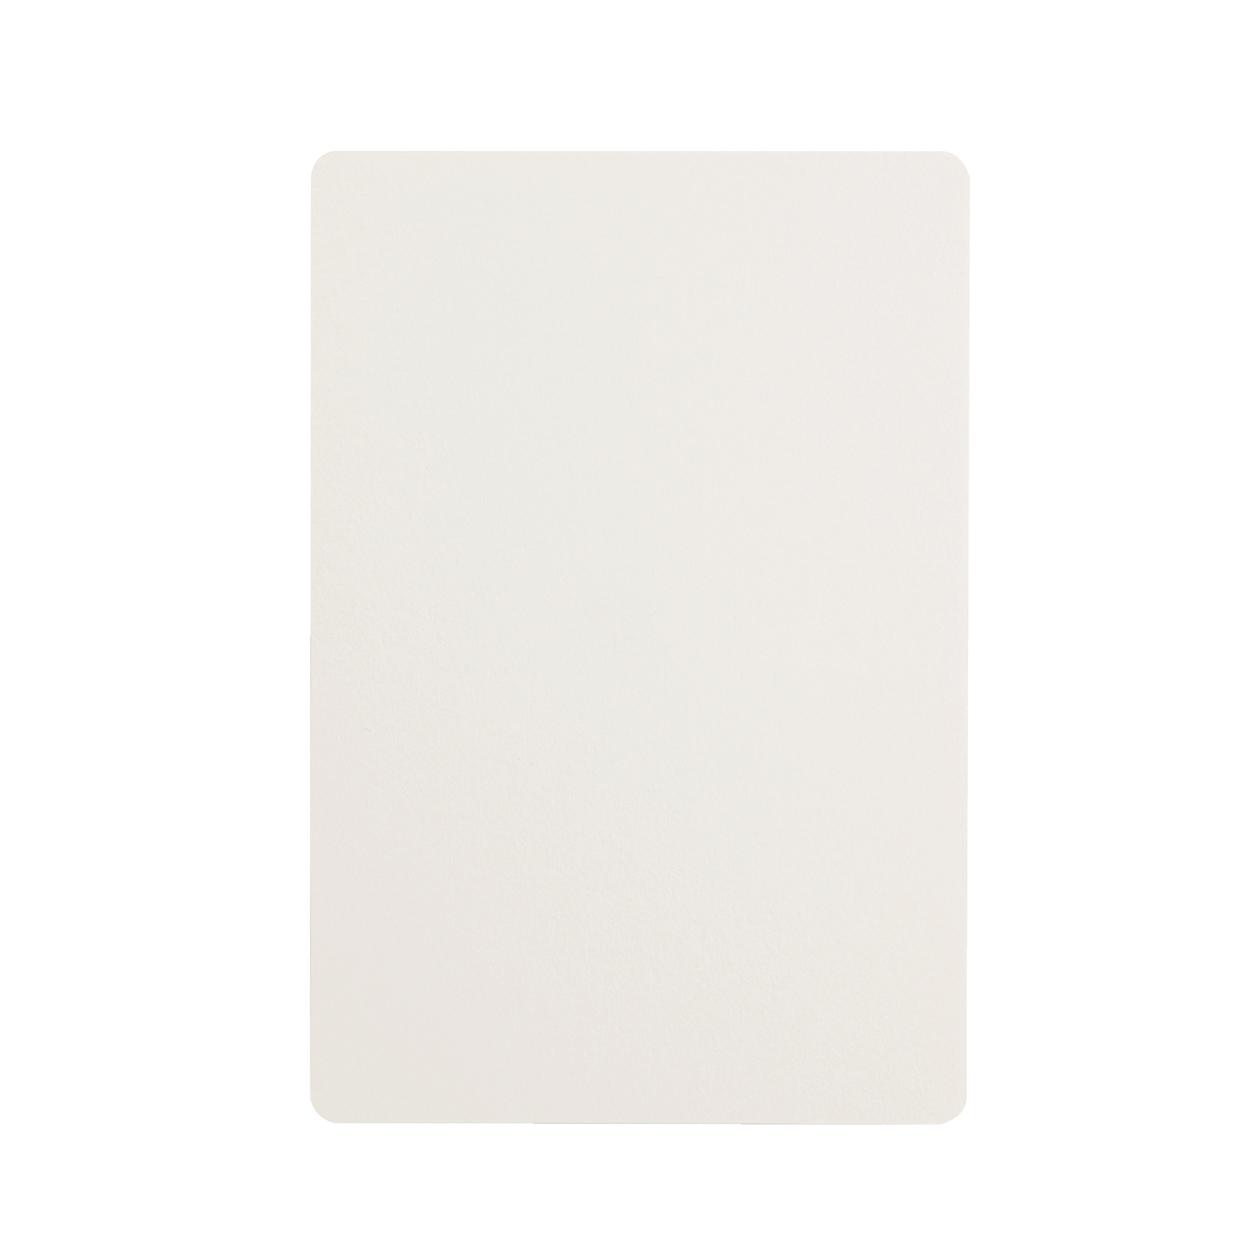 #50カードR コットン スノーホワイト 232.8g